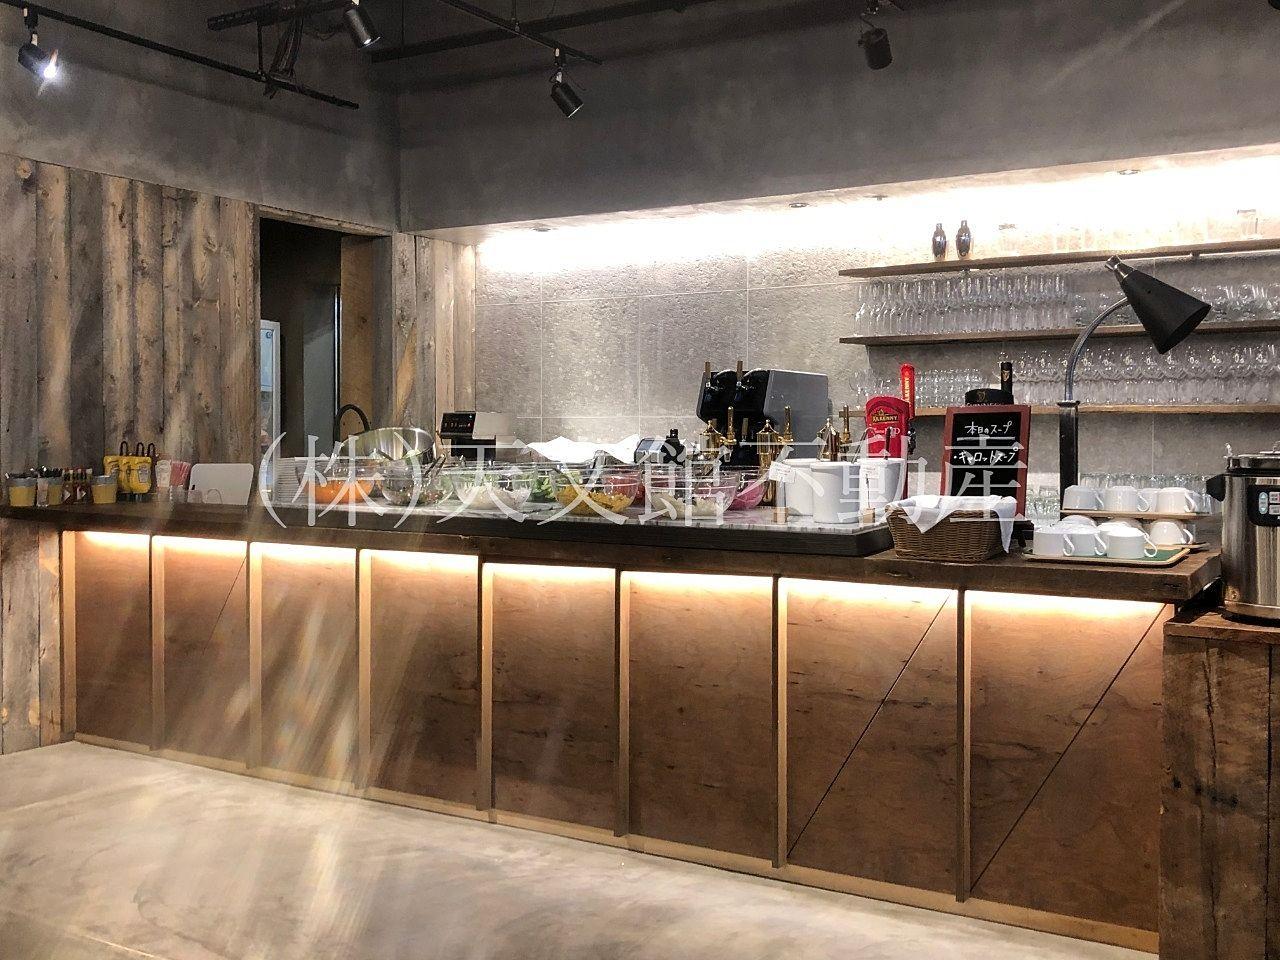 鹿児島市山之口町のNikanbashi Burger Barはサラダバーもあります。